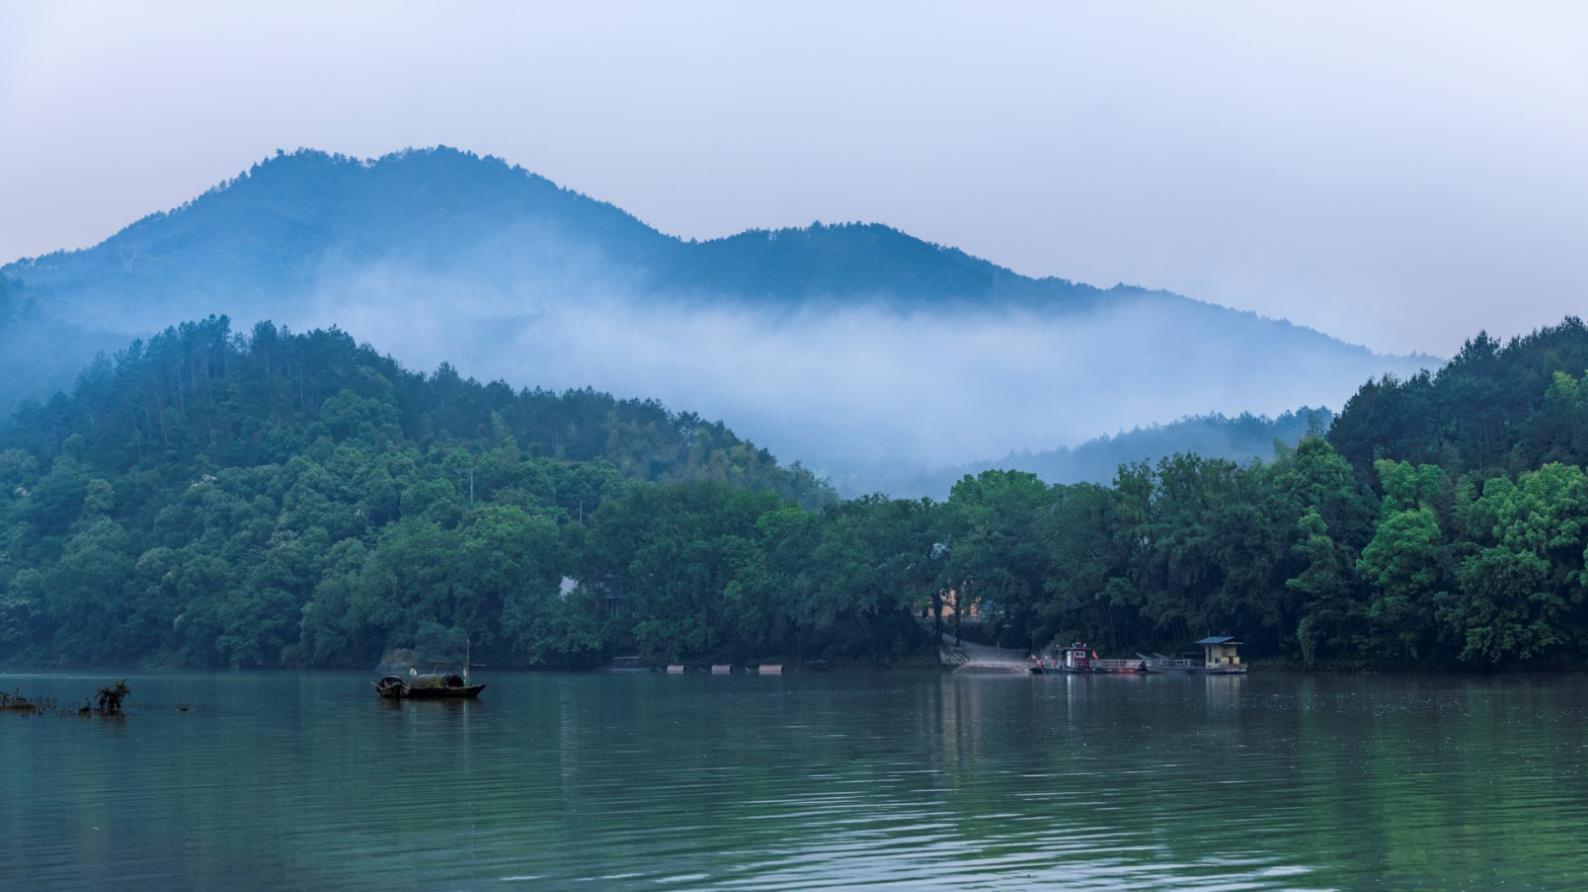 Guyan Huaxiang Scenic Area